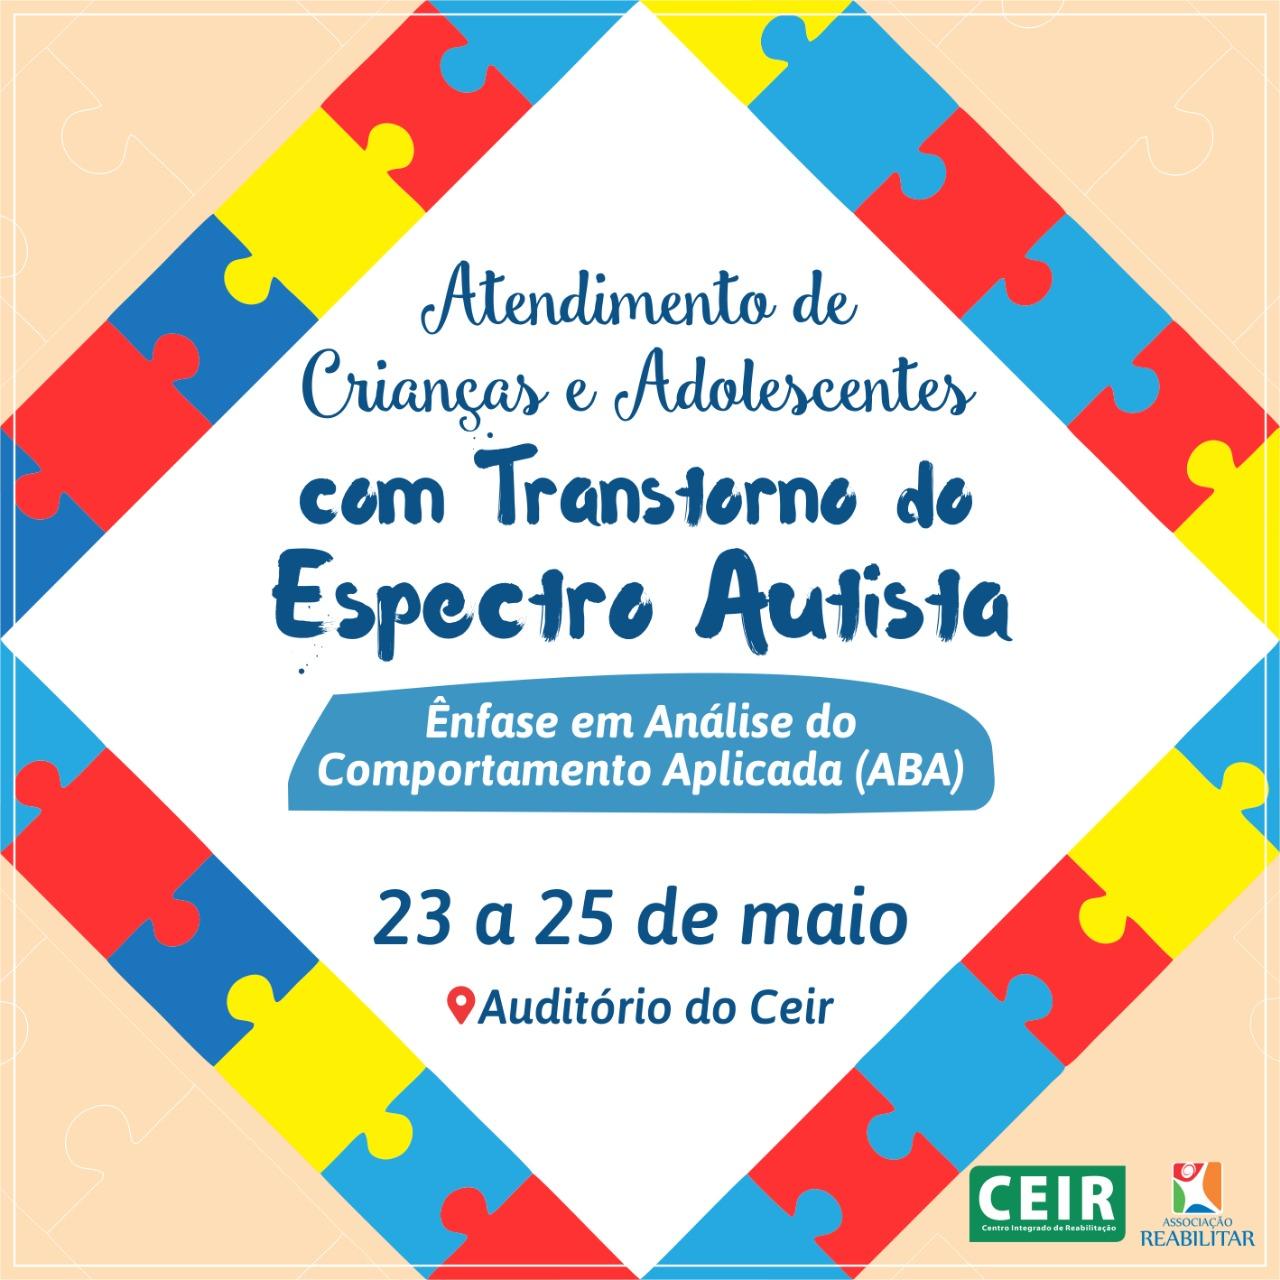 II Curso de Atendimento de Crianças e Adolescentes com Transtorno do Espectro Autista: Ênfase em Análise do Comportamento Aplicada (ABA).